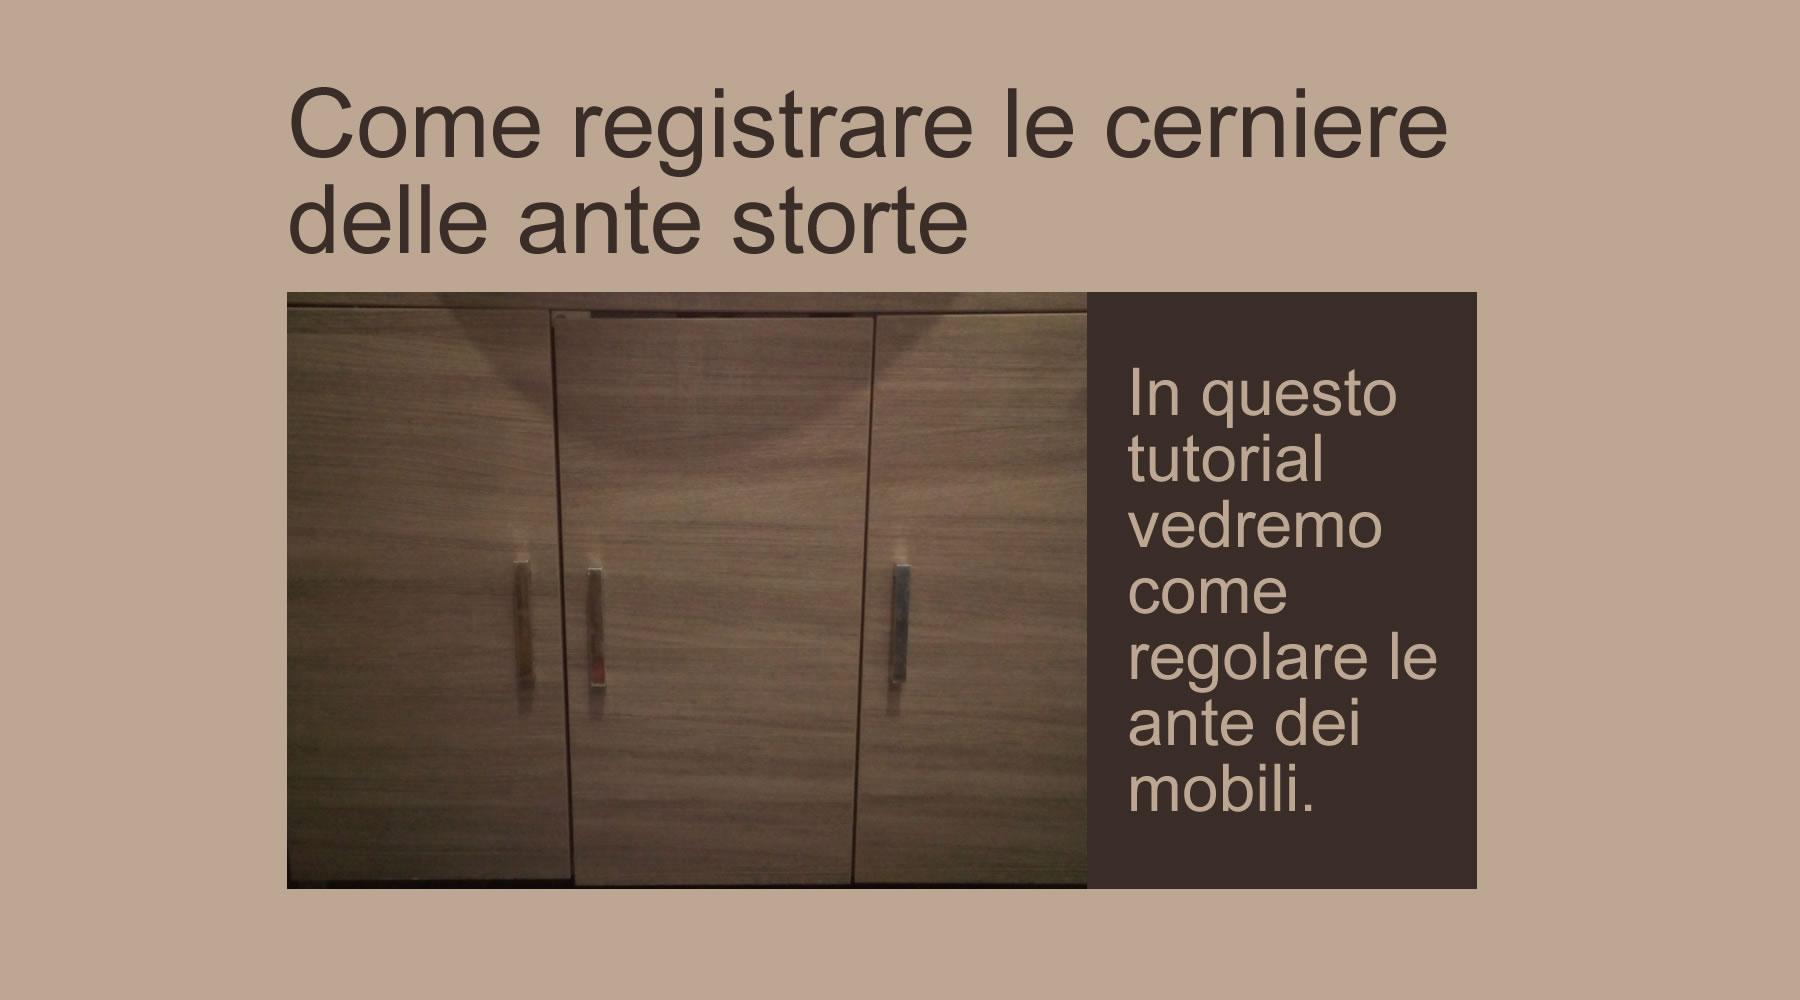 Cerniere Per Armadi Ad Angolo.Come Registrare Le Cerniere Delle Ante Storte Bravi In Casa